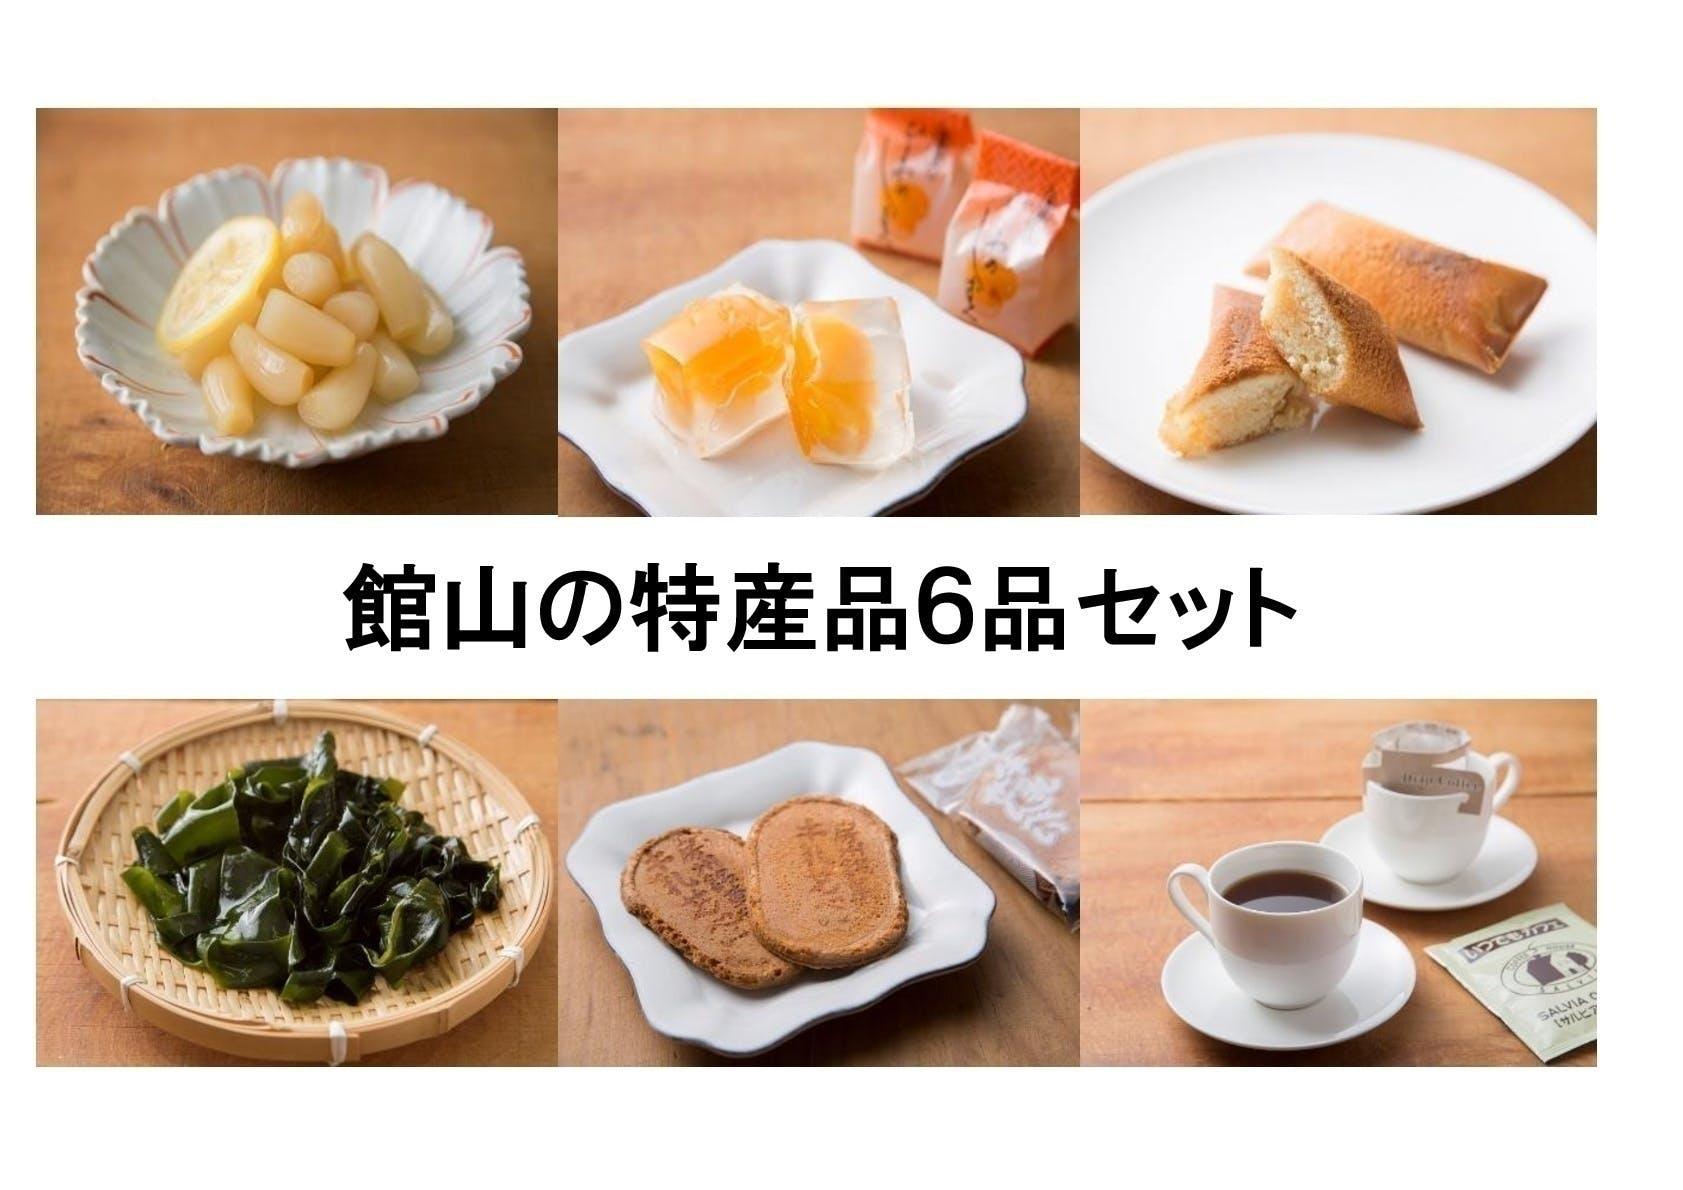 特産品30000円セット 001